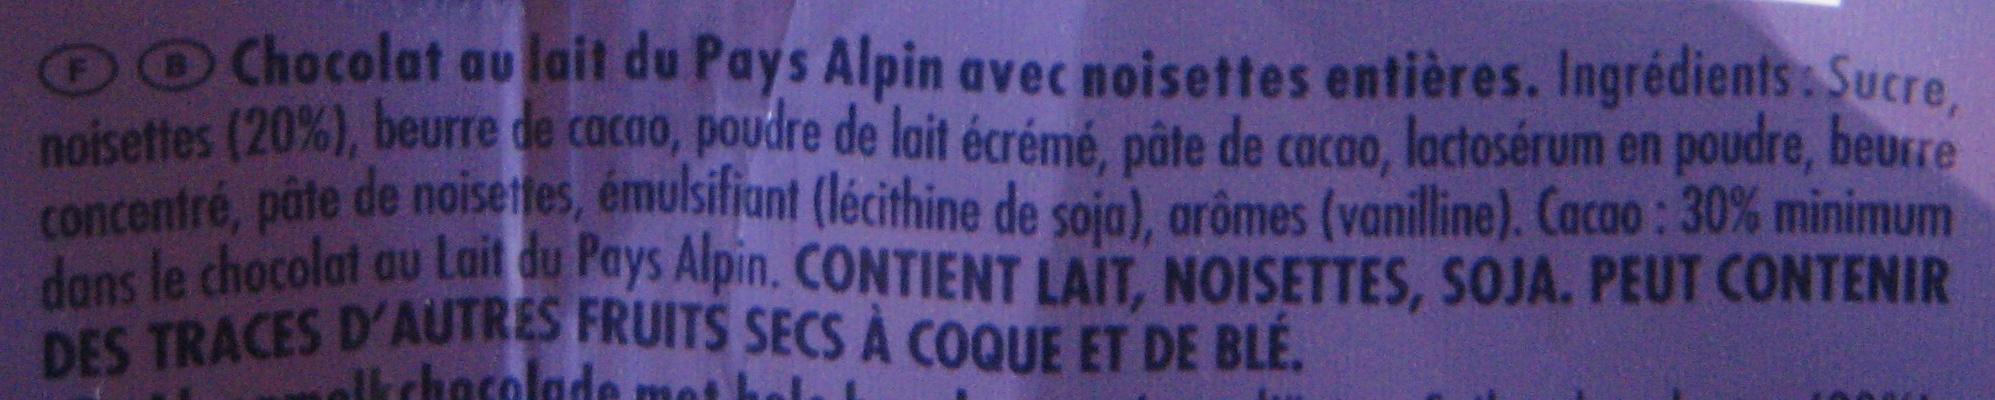 Chocolat Noisettes entières - Ingrédients - fr